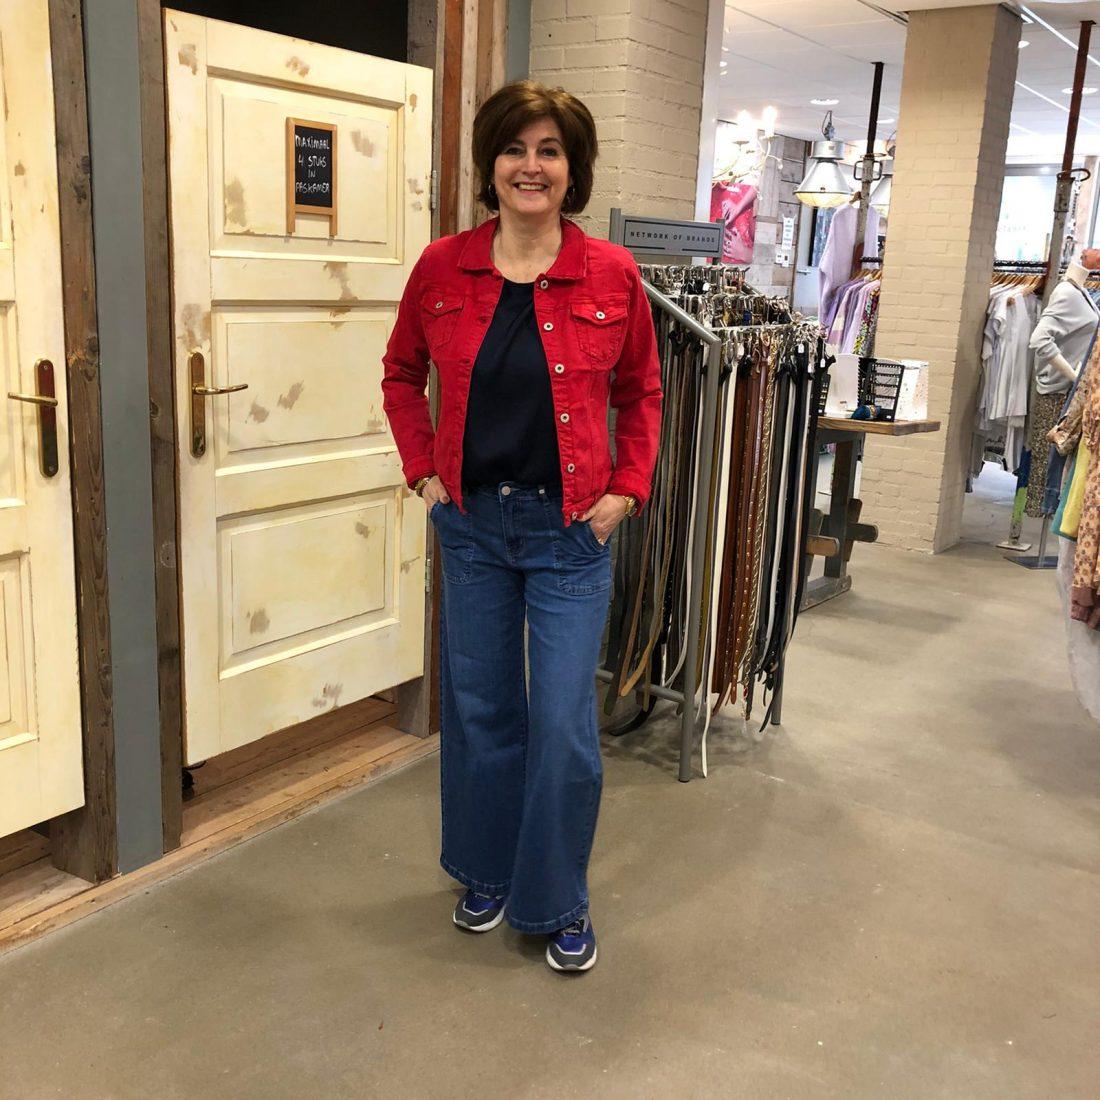 Trendy Place du Jour Jack Jacklyn Rood Store3 Mode & Accessoires